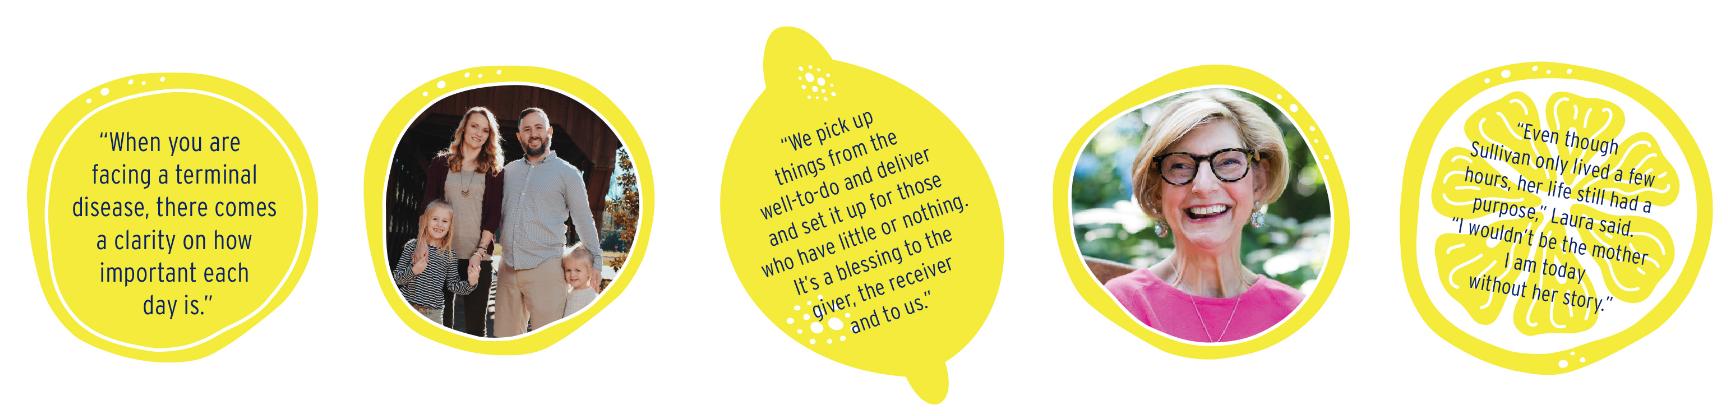 Lemons to lemons story graphics